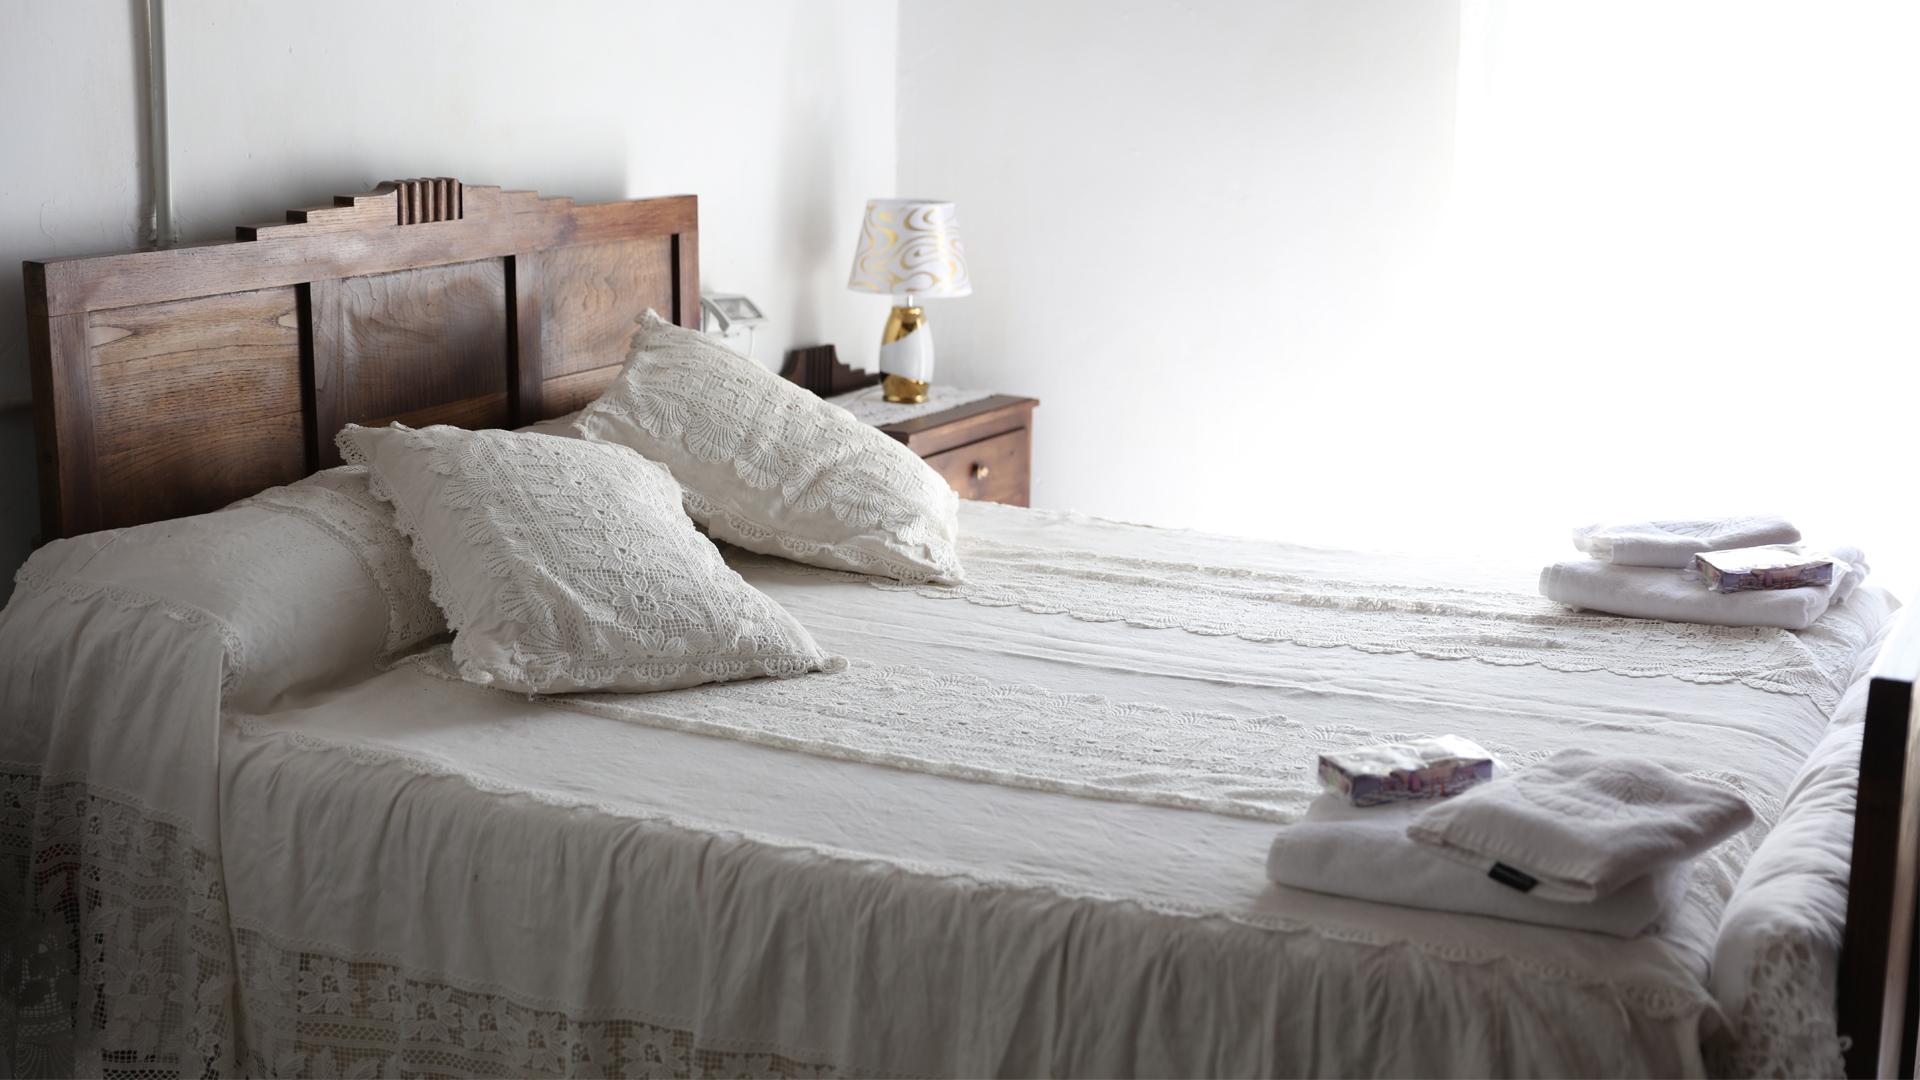 fonte-das-bodas-cama